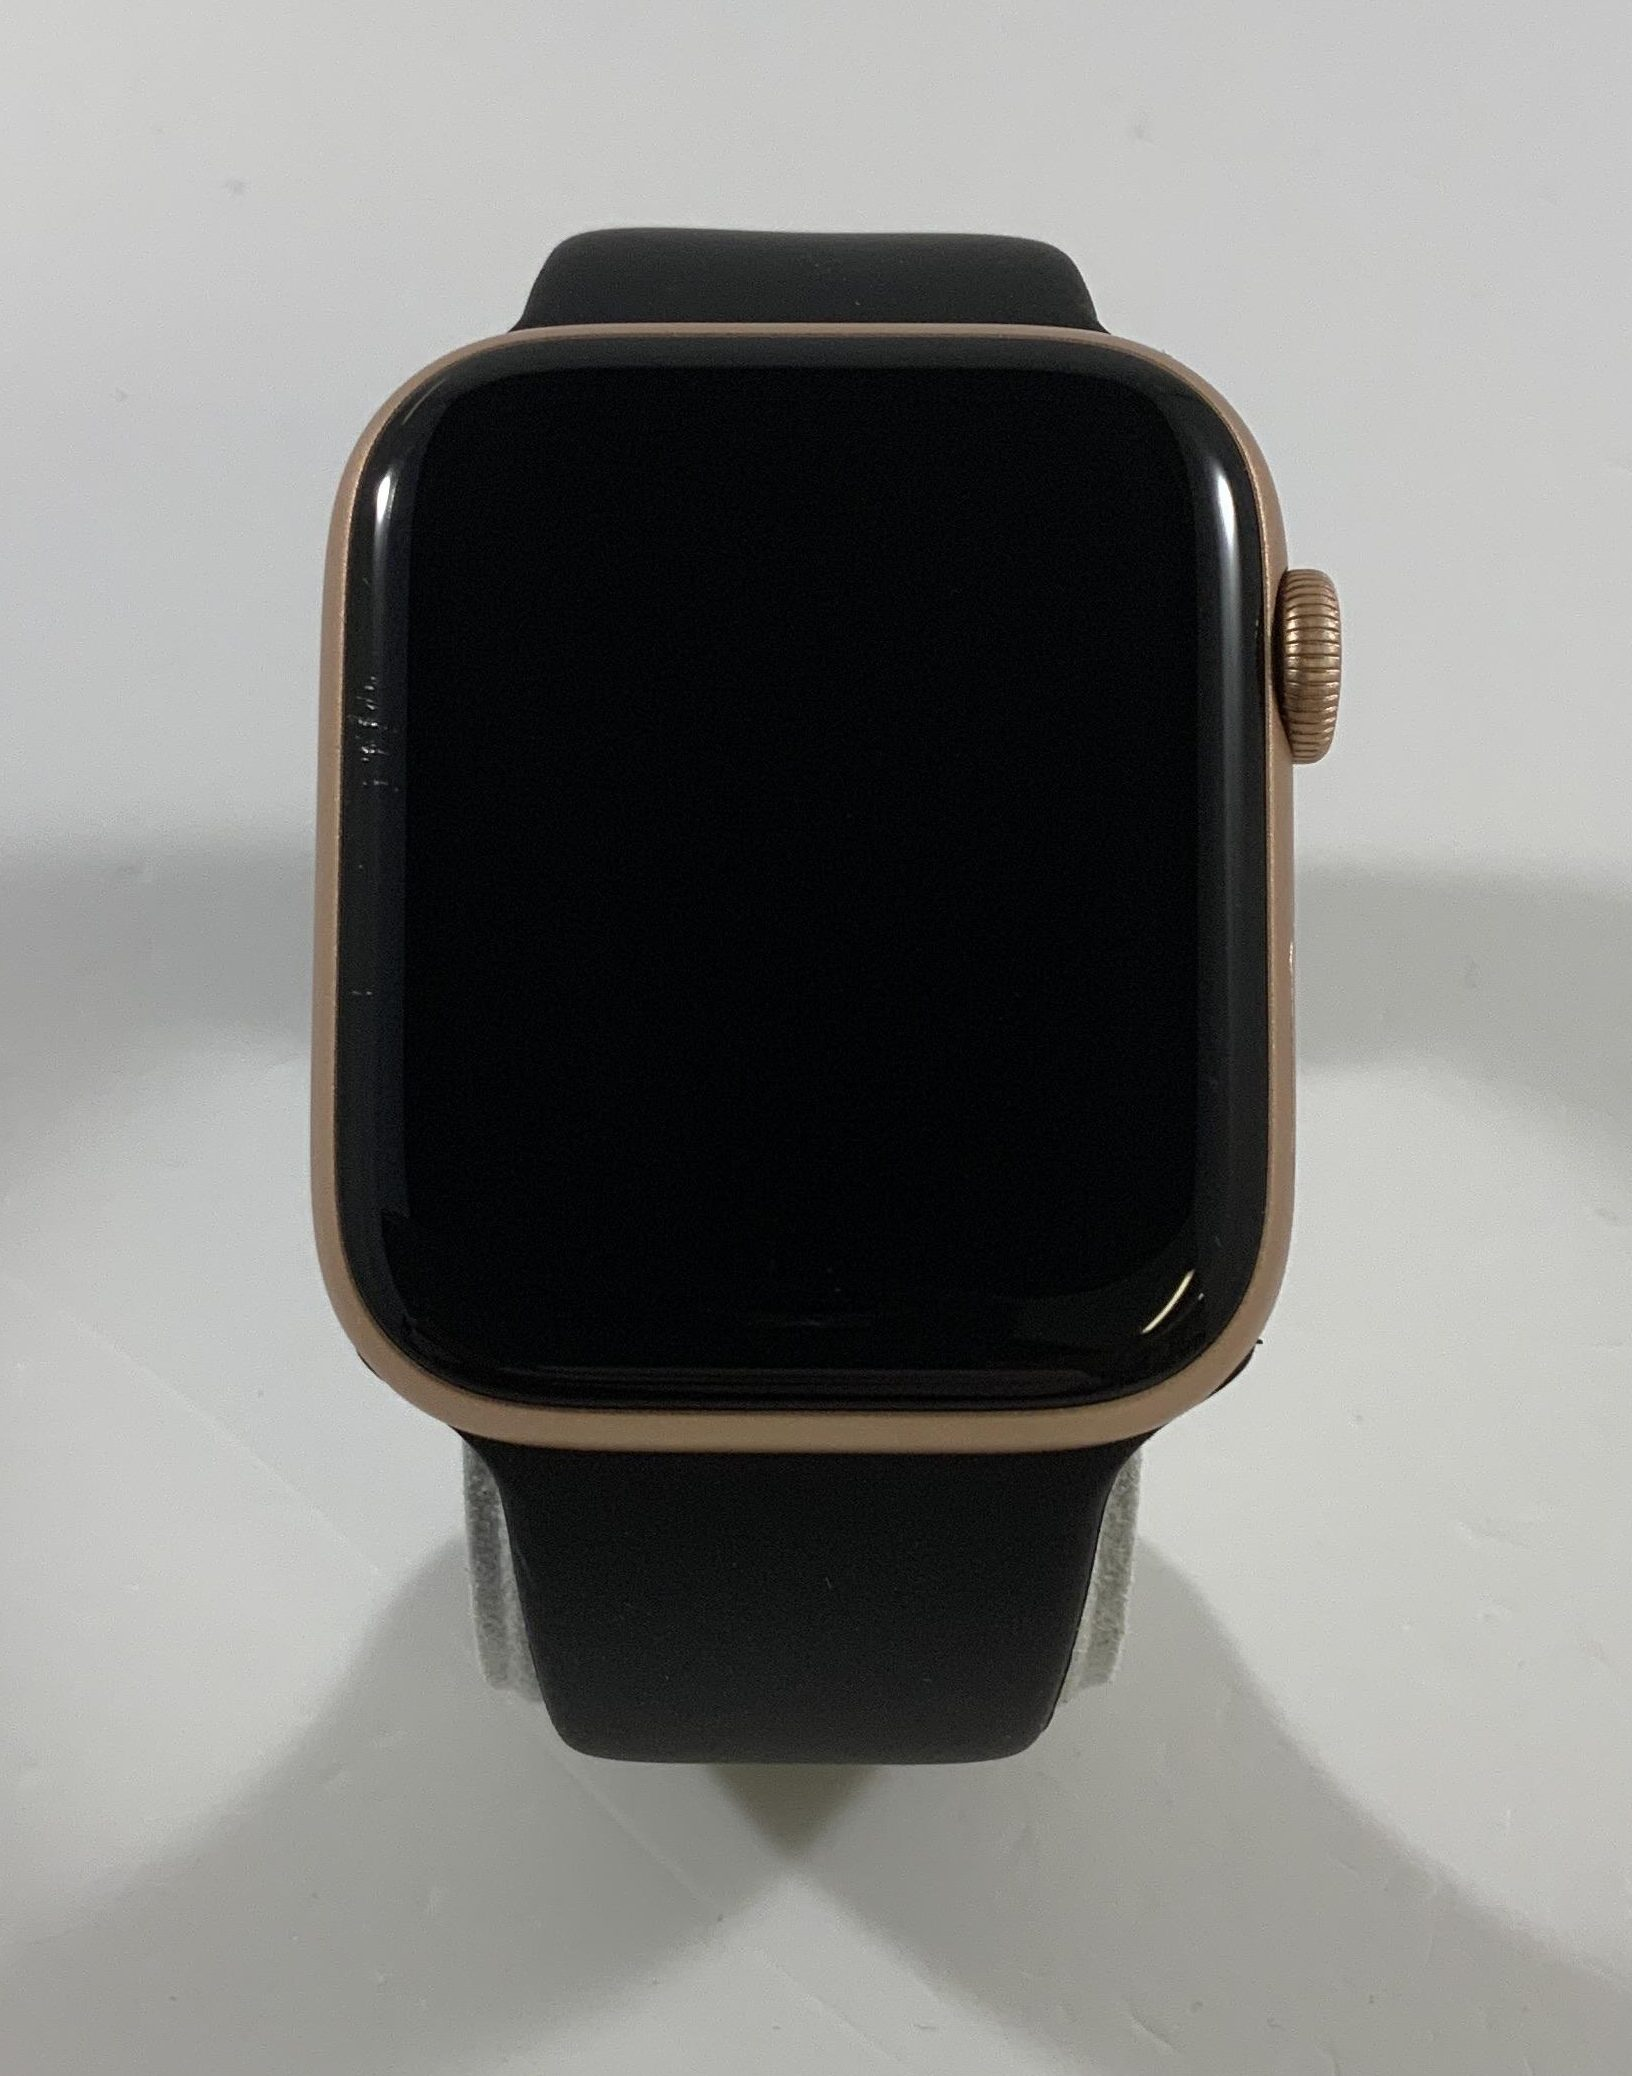 Watch Series 5 Aluminum Cellular (44mm), Gold, imagen 1